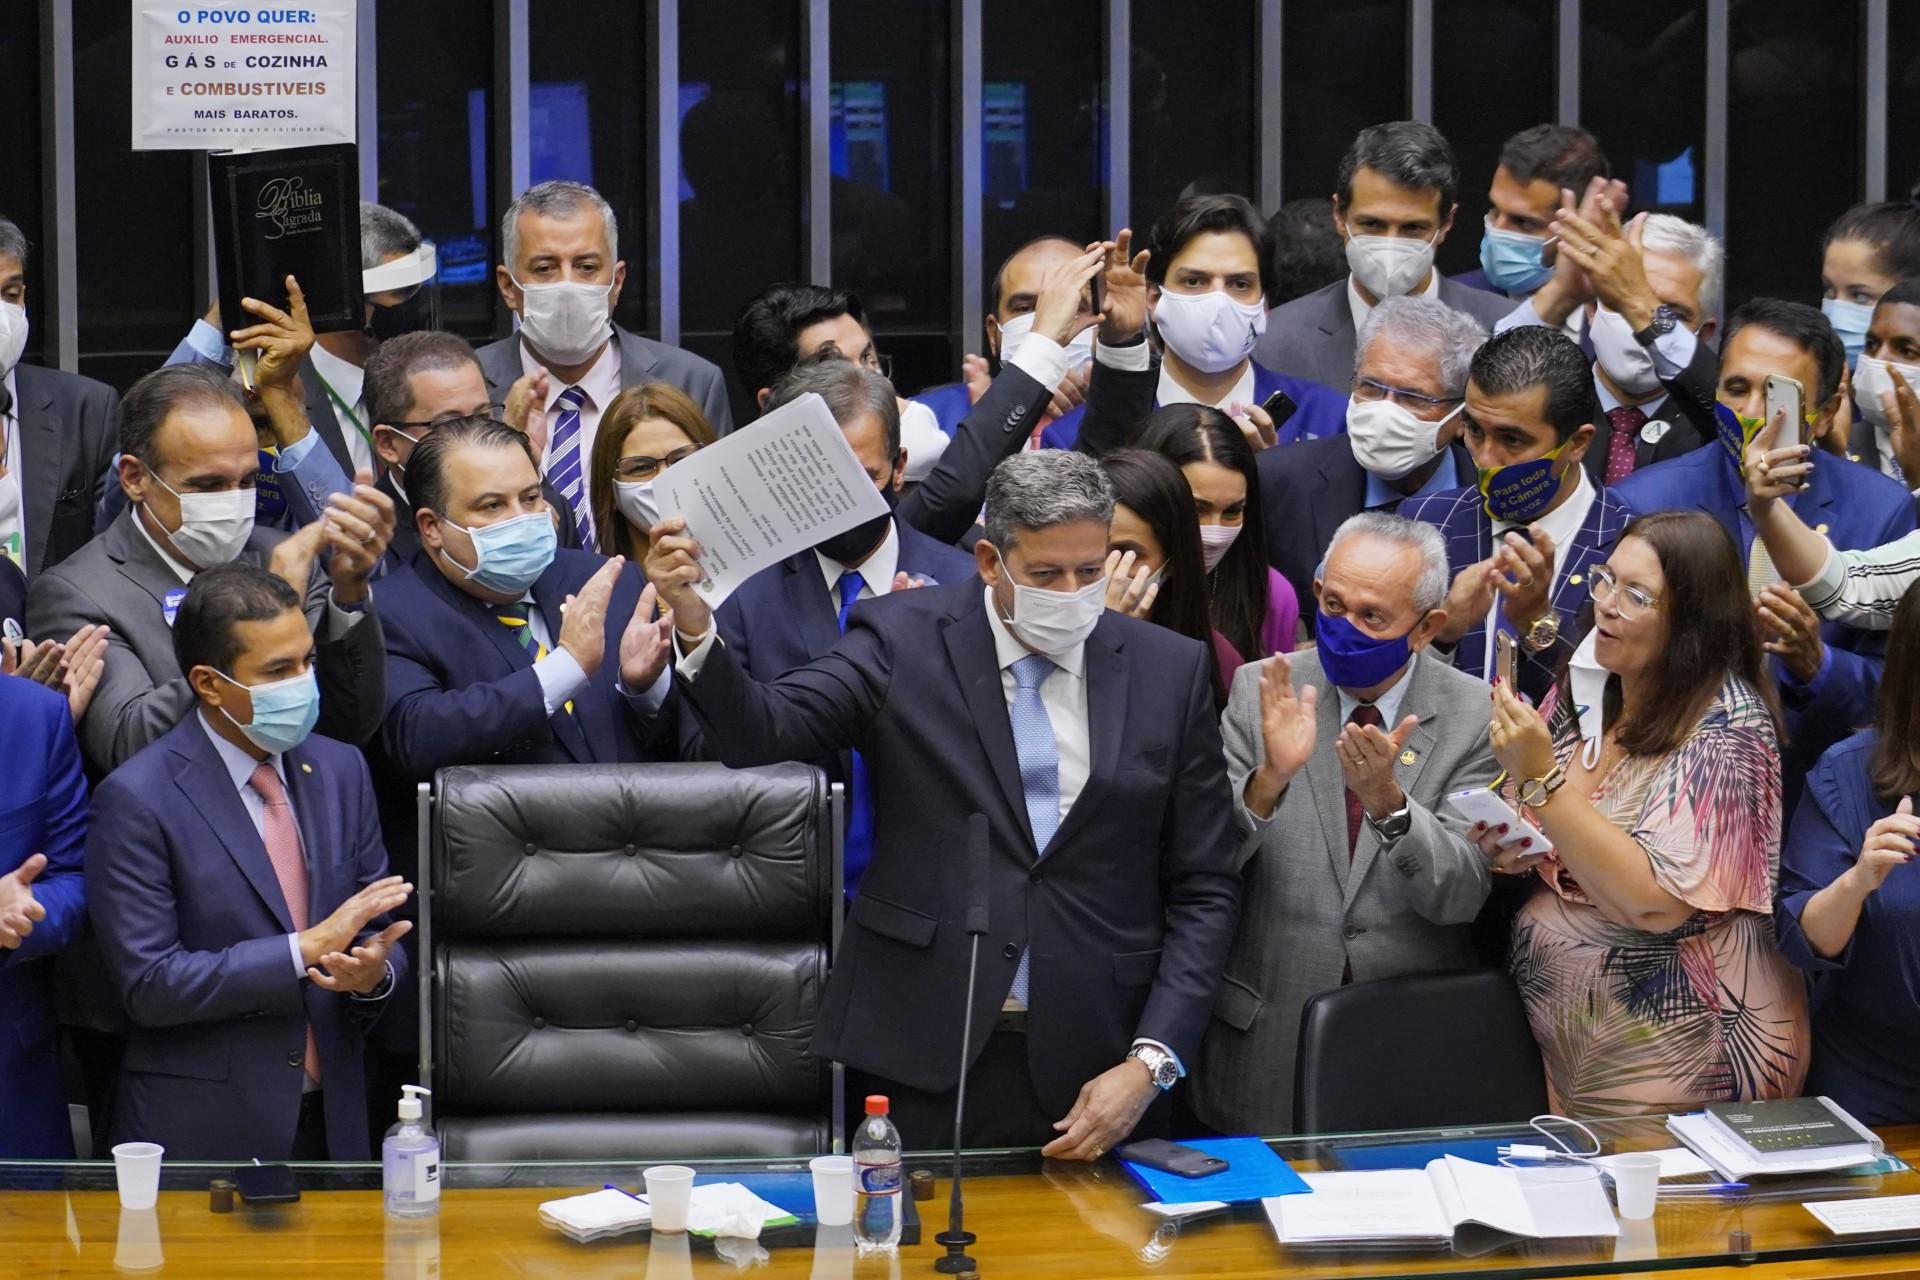 CANDIDATO apoiado pelo Planlto, Lira foi eleitos com mais que o dobro de votos de Rossi (Foto: pablo valadares/Agência câmara)